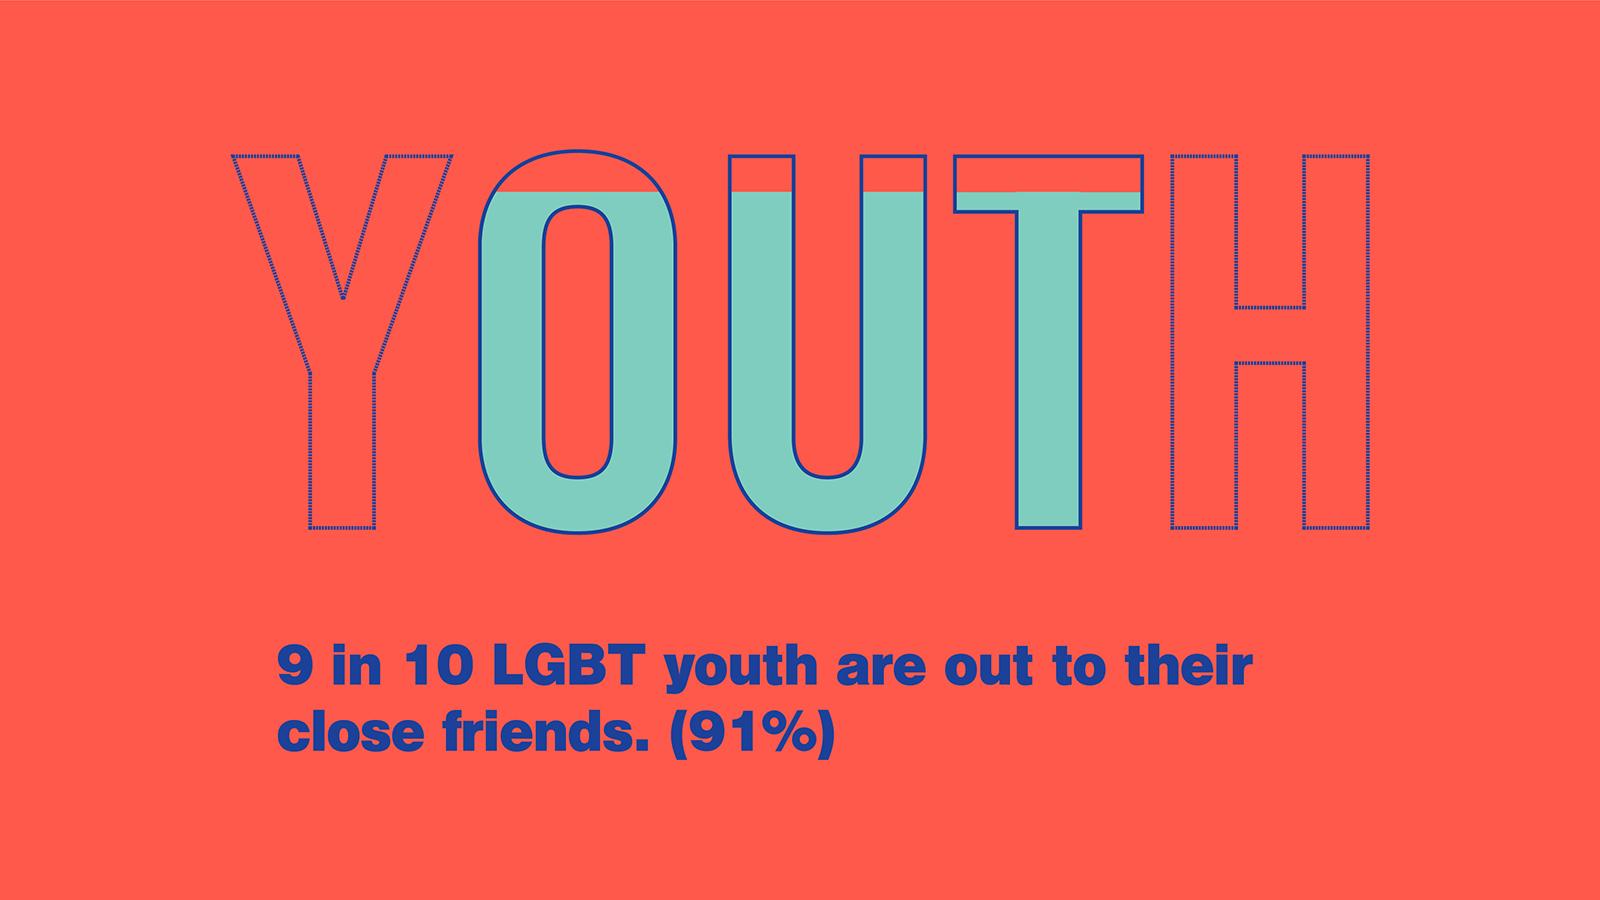 lgbt websites for teens